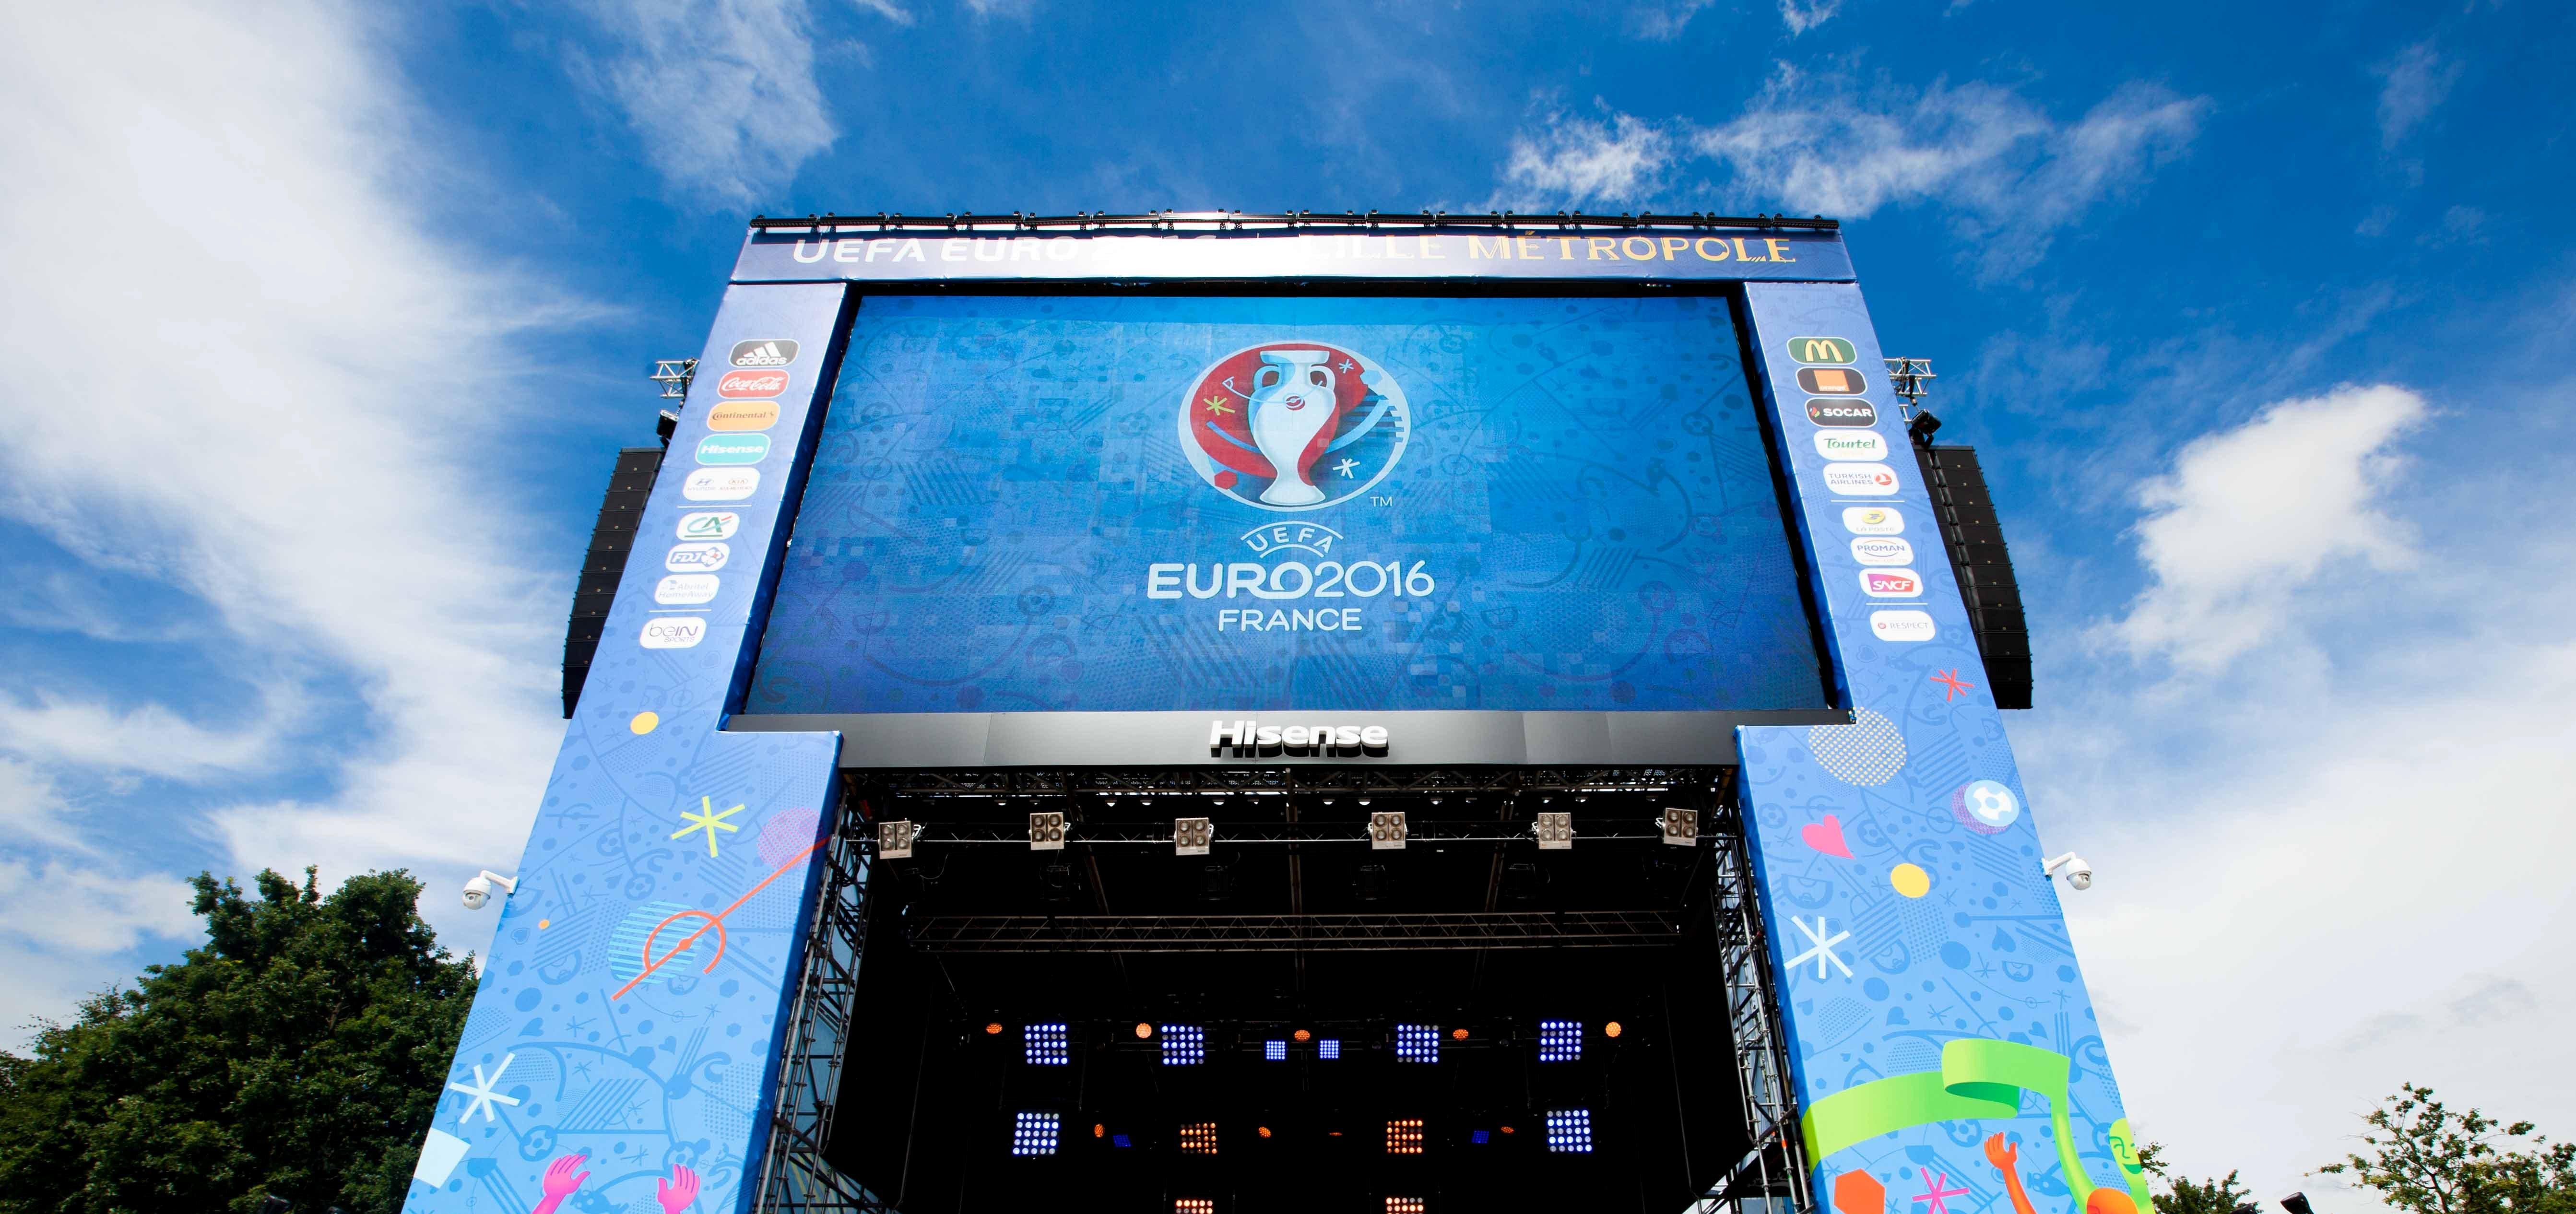 Bâches publicitaires SUPERVISION FanZones EURO 2016 Ecran géant LED